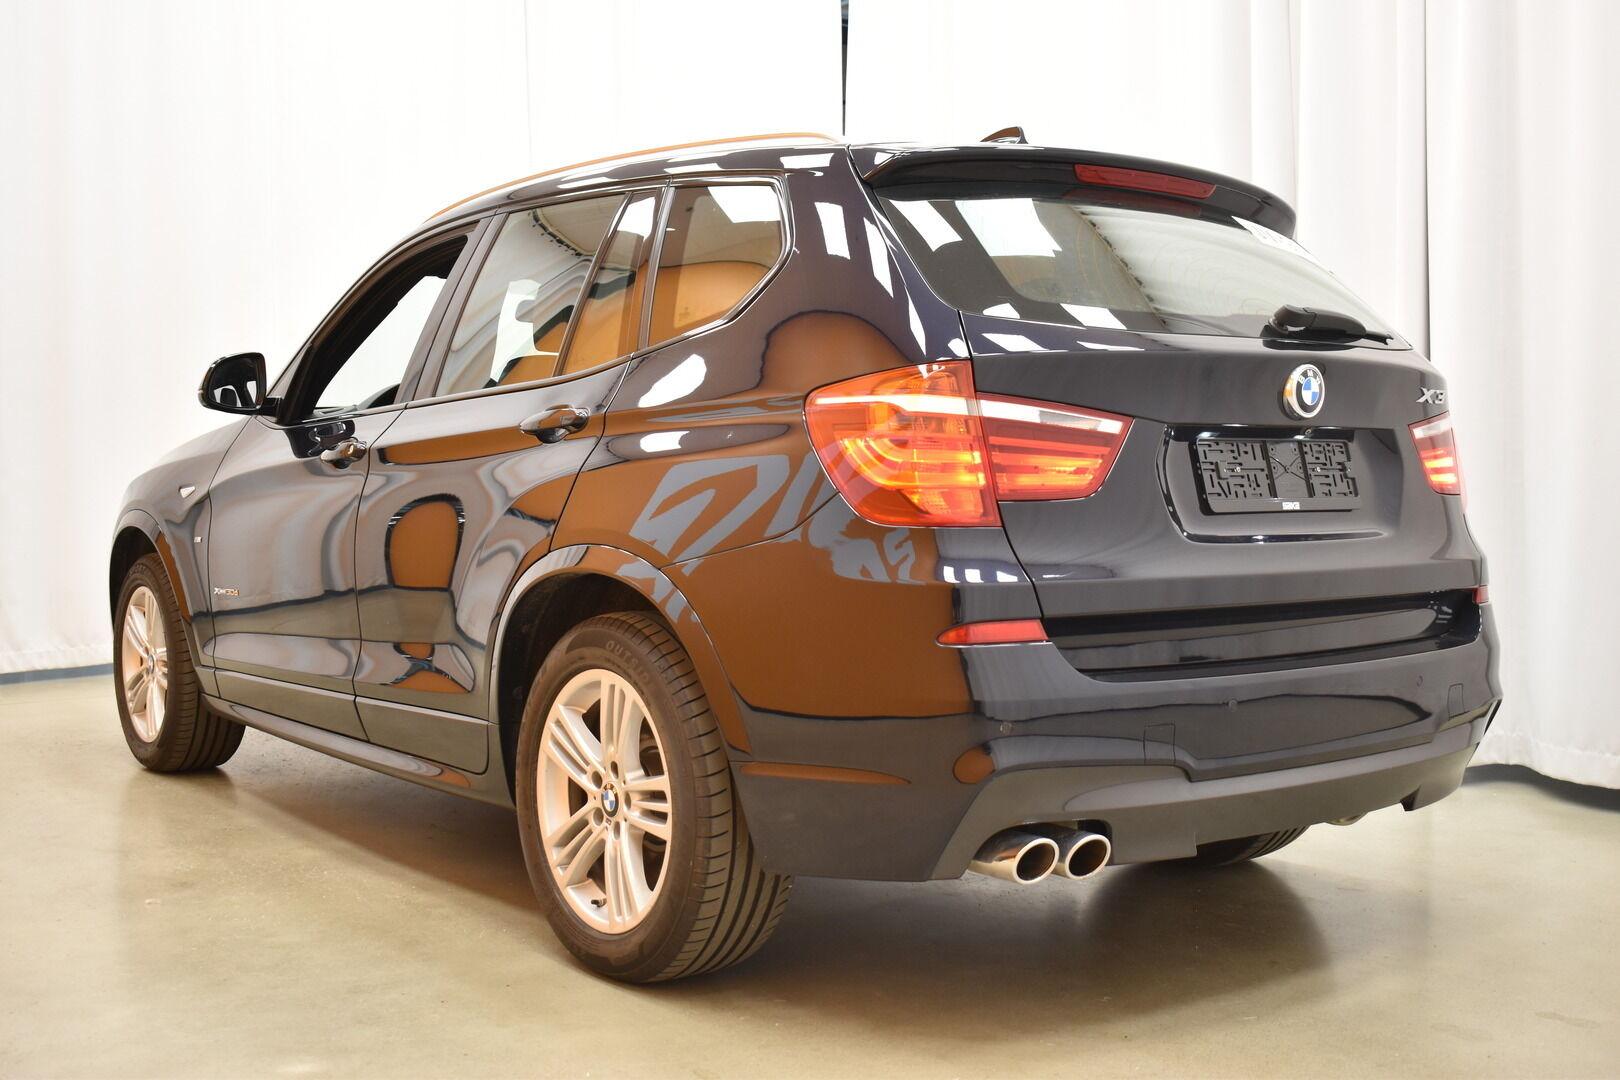 Musta Maastoauto, BMW X3 – OUL-28083, kuva 22